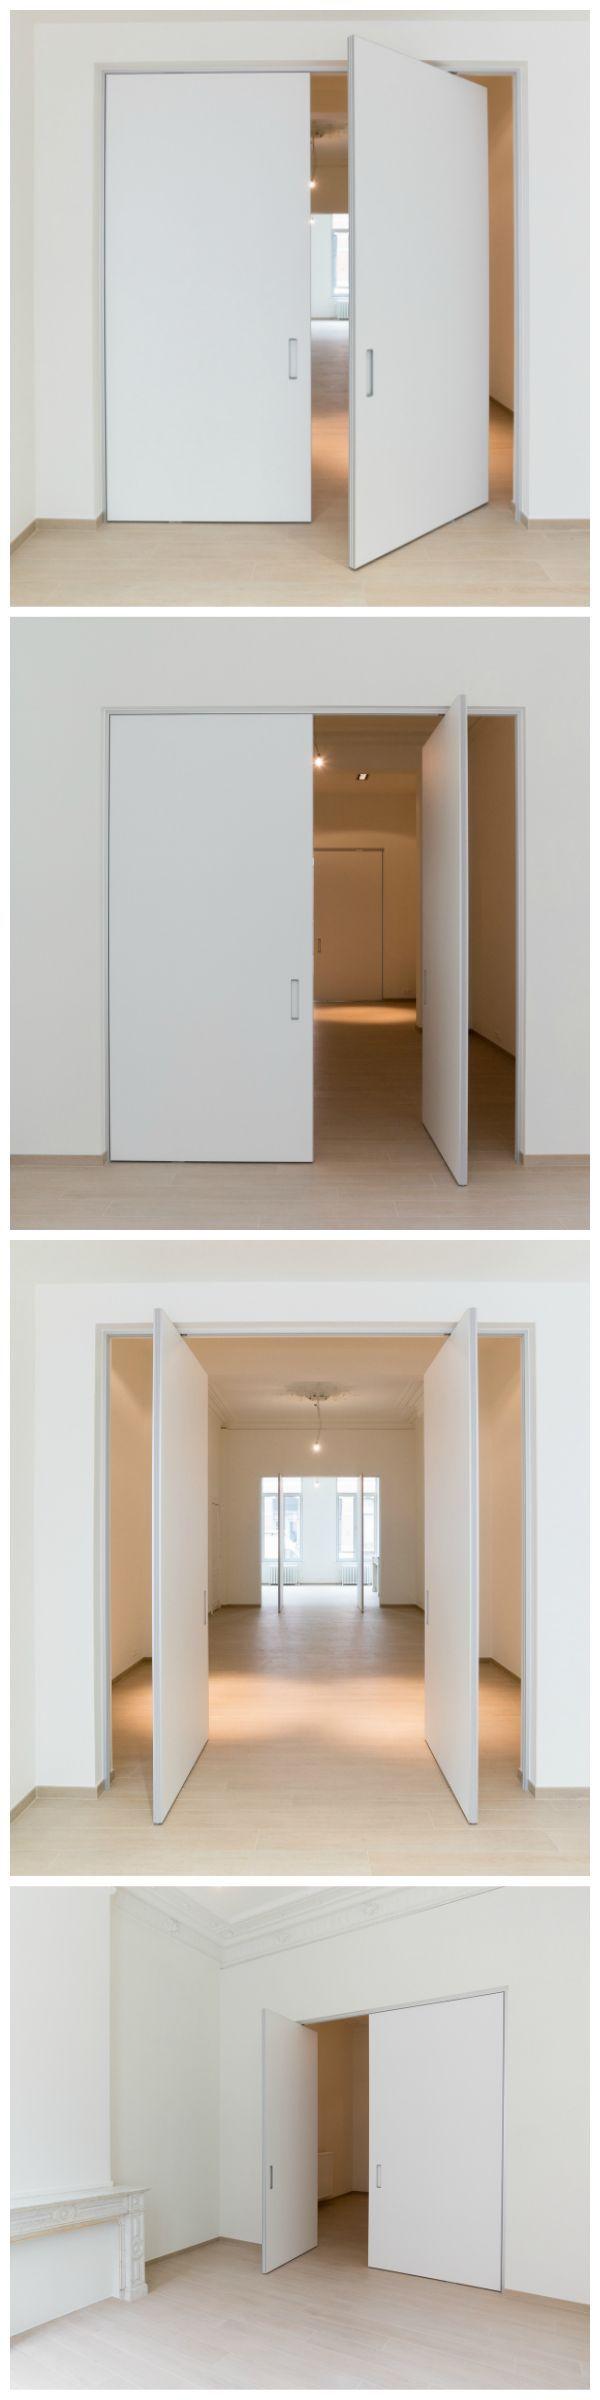 Pivoterende deur op maat van Anyway Doors. Deze innovatieve kant-en-klare deuren worden gemaakt met aluminium en Resopal Massiv waardoor ze naast onderhoudsvriendelijk ook stabiel blijven. De ingebouwde scharnieren worden niet ingebouwd in de vloer en kunnen dus zowel in nieuwbouw als renovatie toegepast worden. Kwaliteit met doordacht en flexibel design zijn gewaardeerde troeven van deze Belgische fabrikant! Opmeting en montage gebeurt in de ganse Benelux door eigen vakmensen.